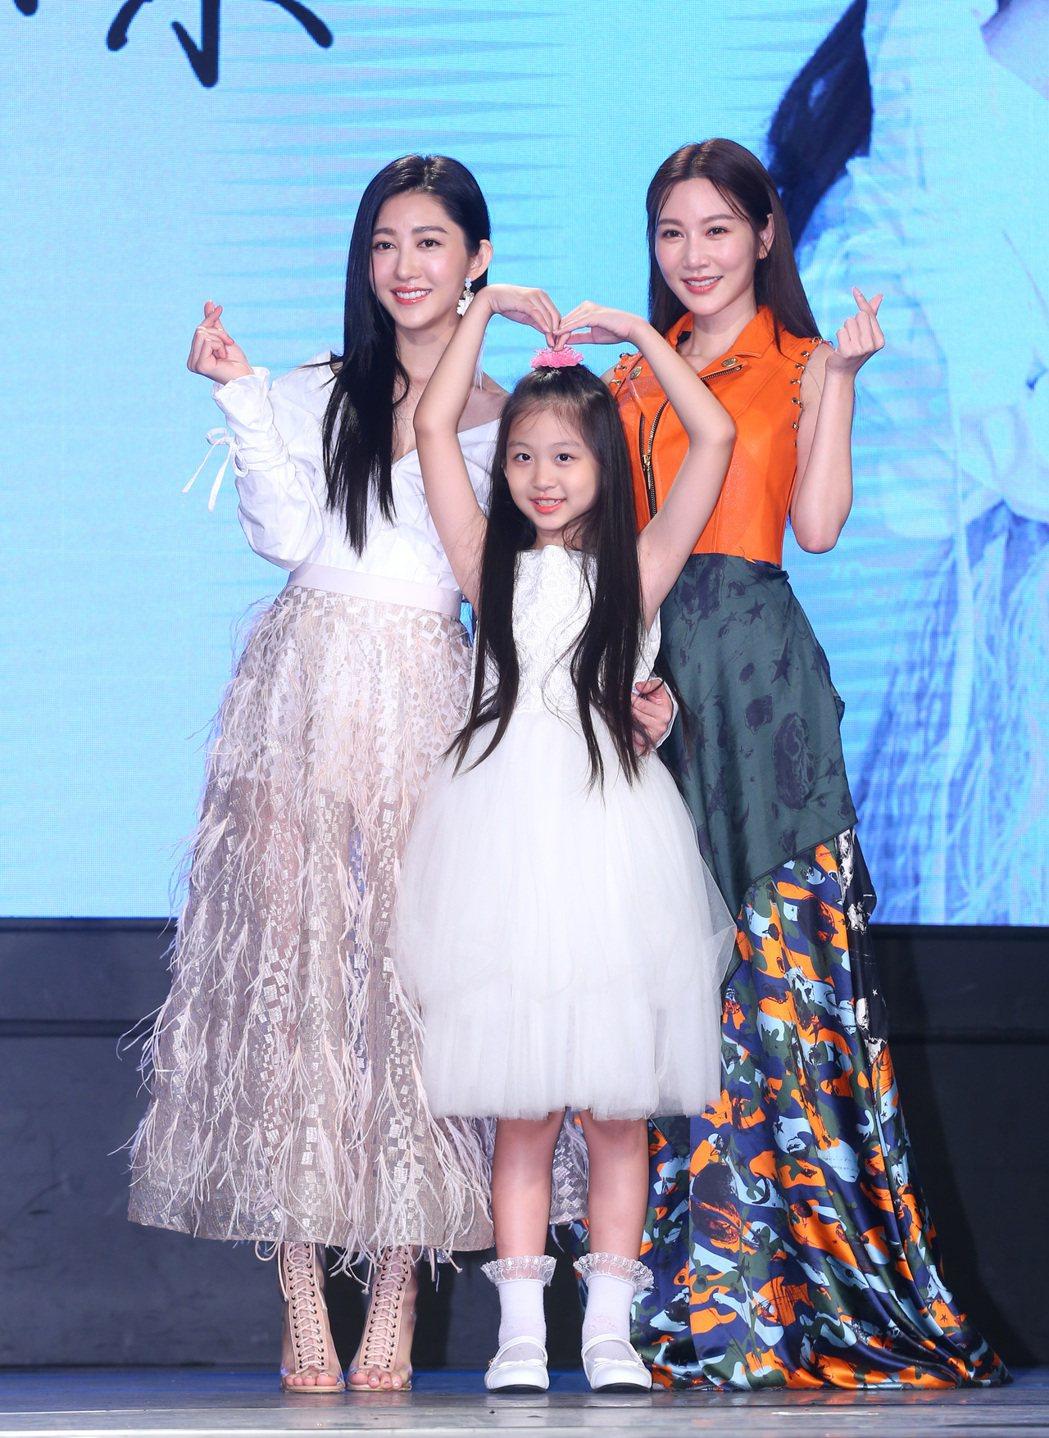 王晴(左)跨足歌壇,曾莞婷(右)帶著姪女獻上祝福。記者林澔一/攝影